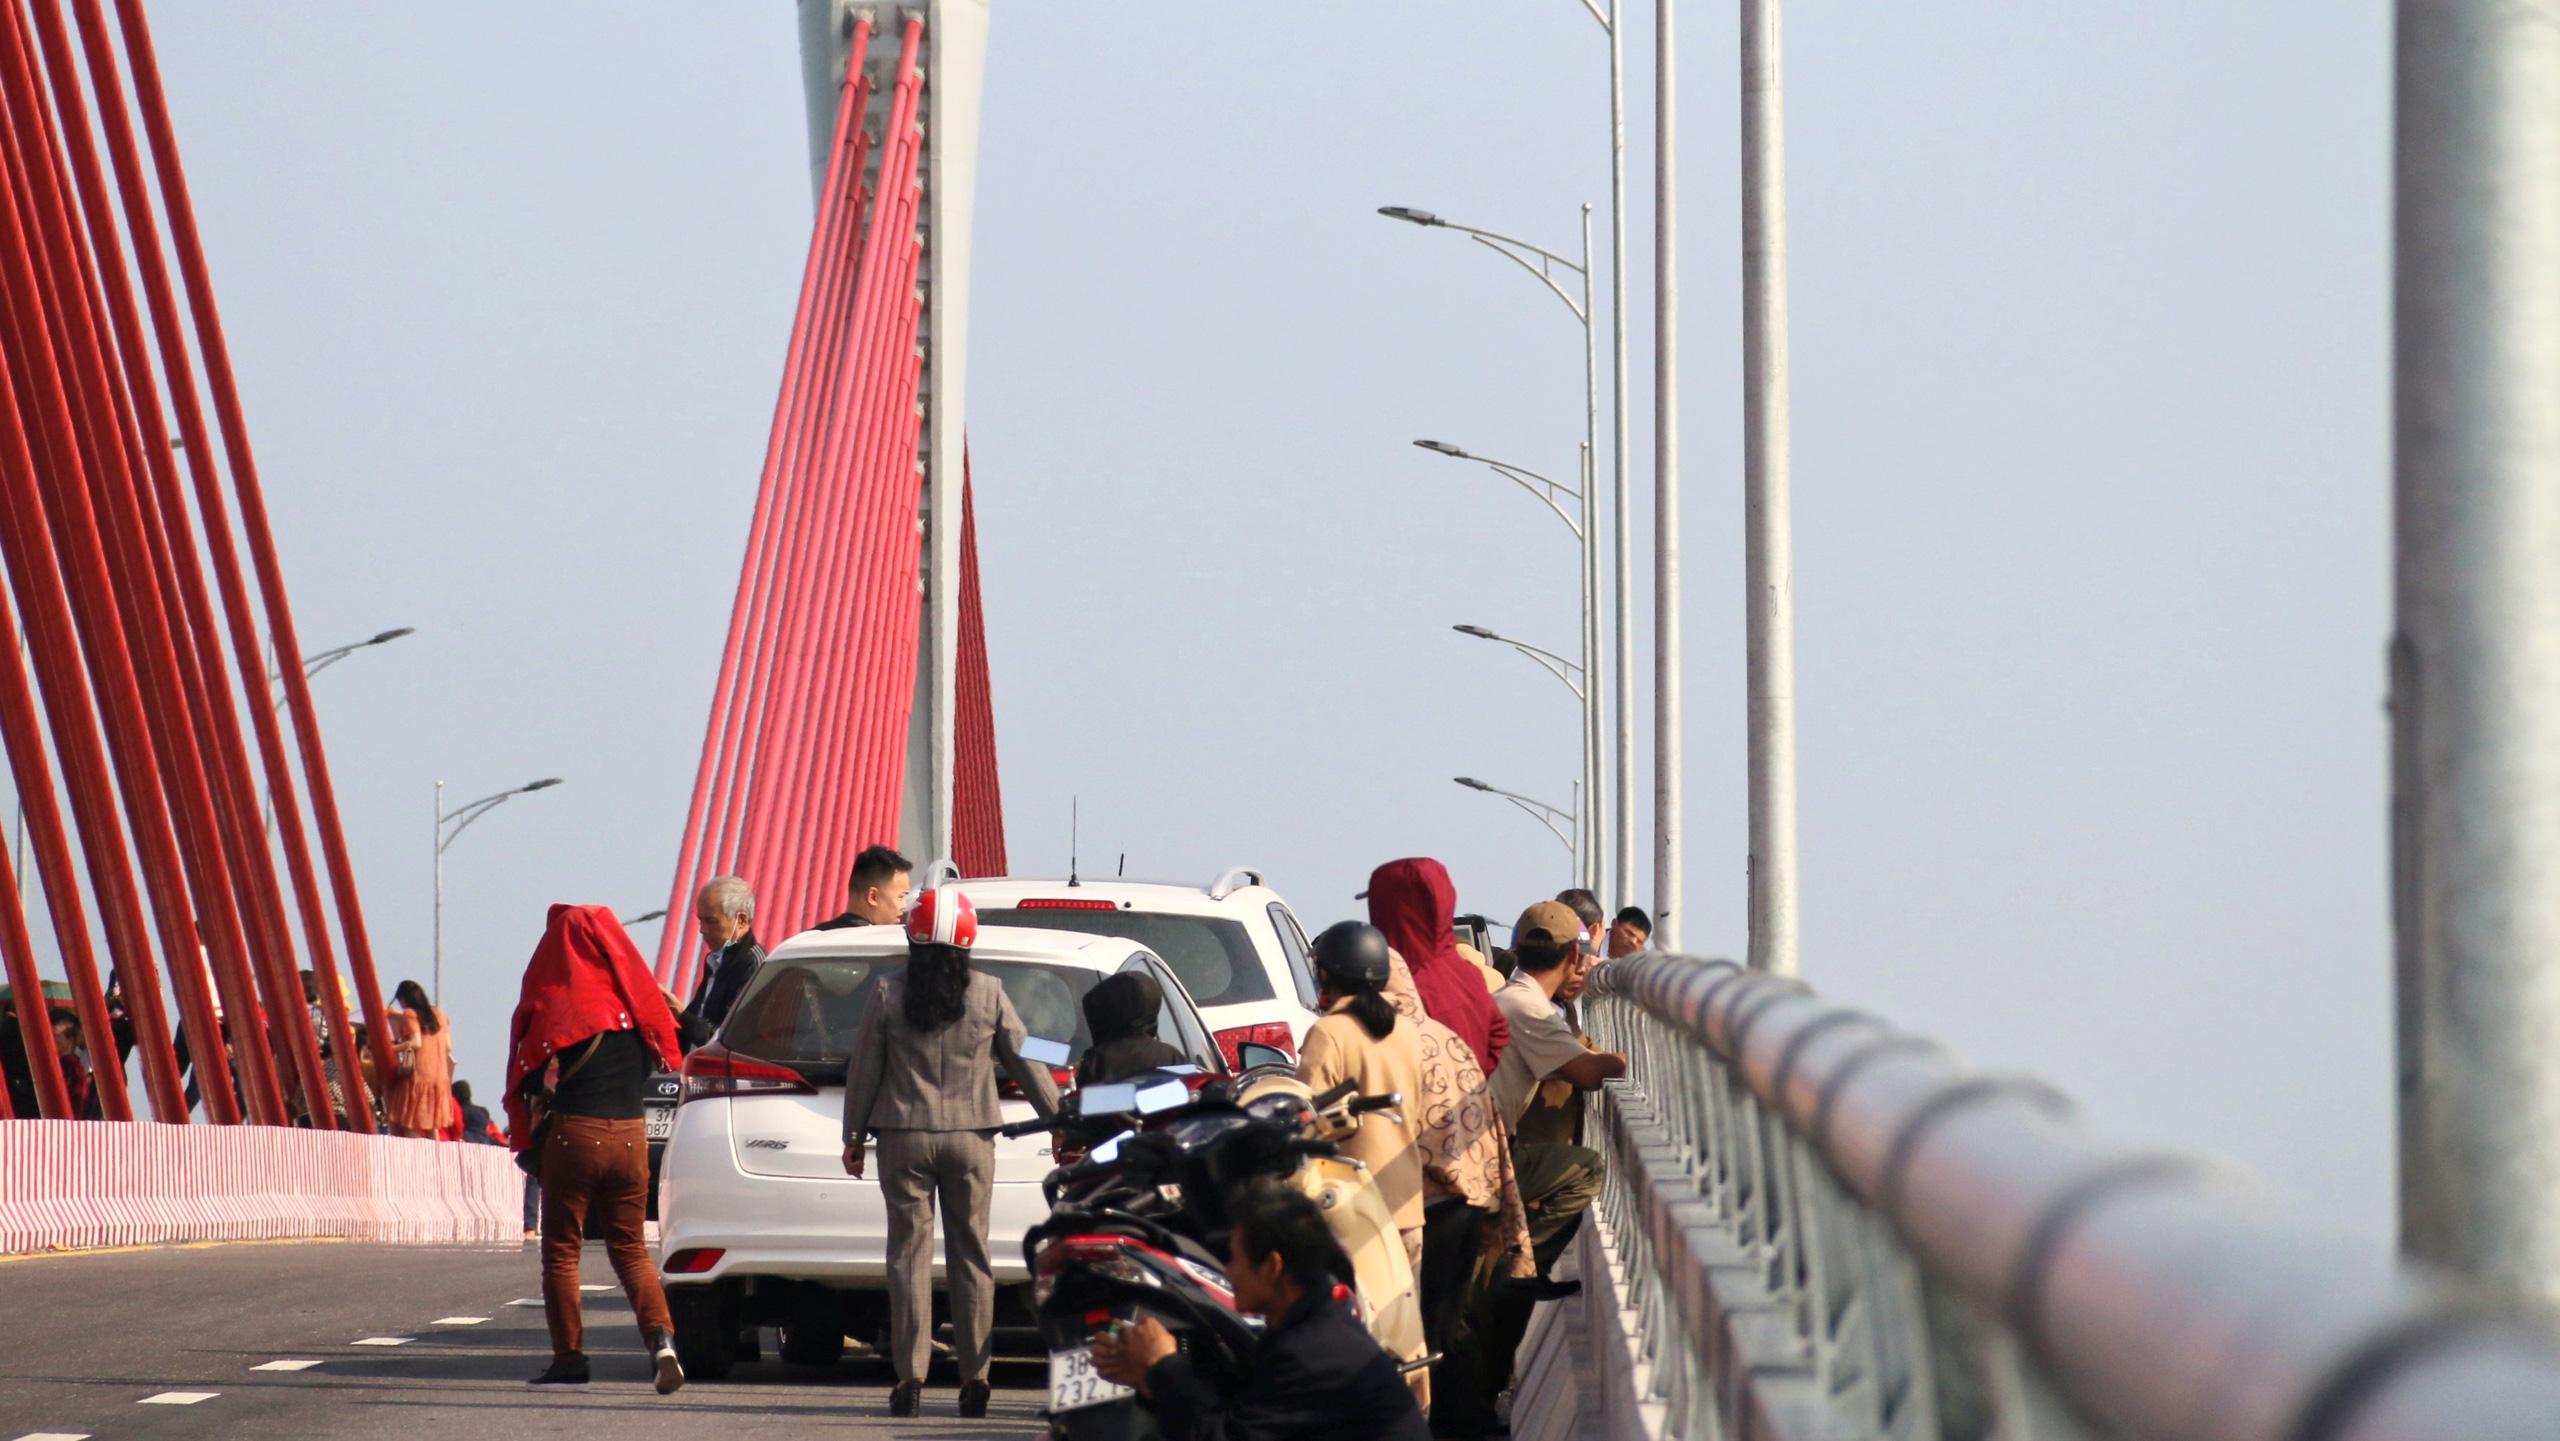 Người dân Nghệ An, Hà Tĩnh du xuân trên cầu gần nghìn tỷ vừa thông xe - Ảnh 16.